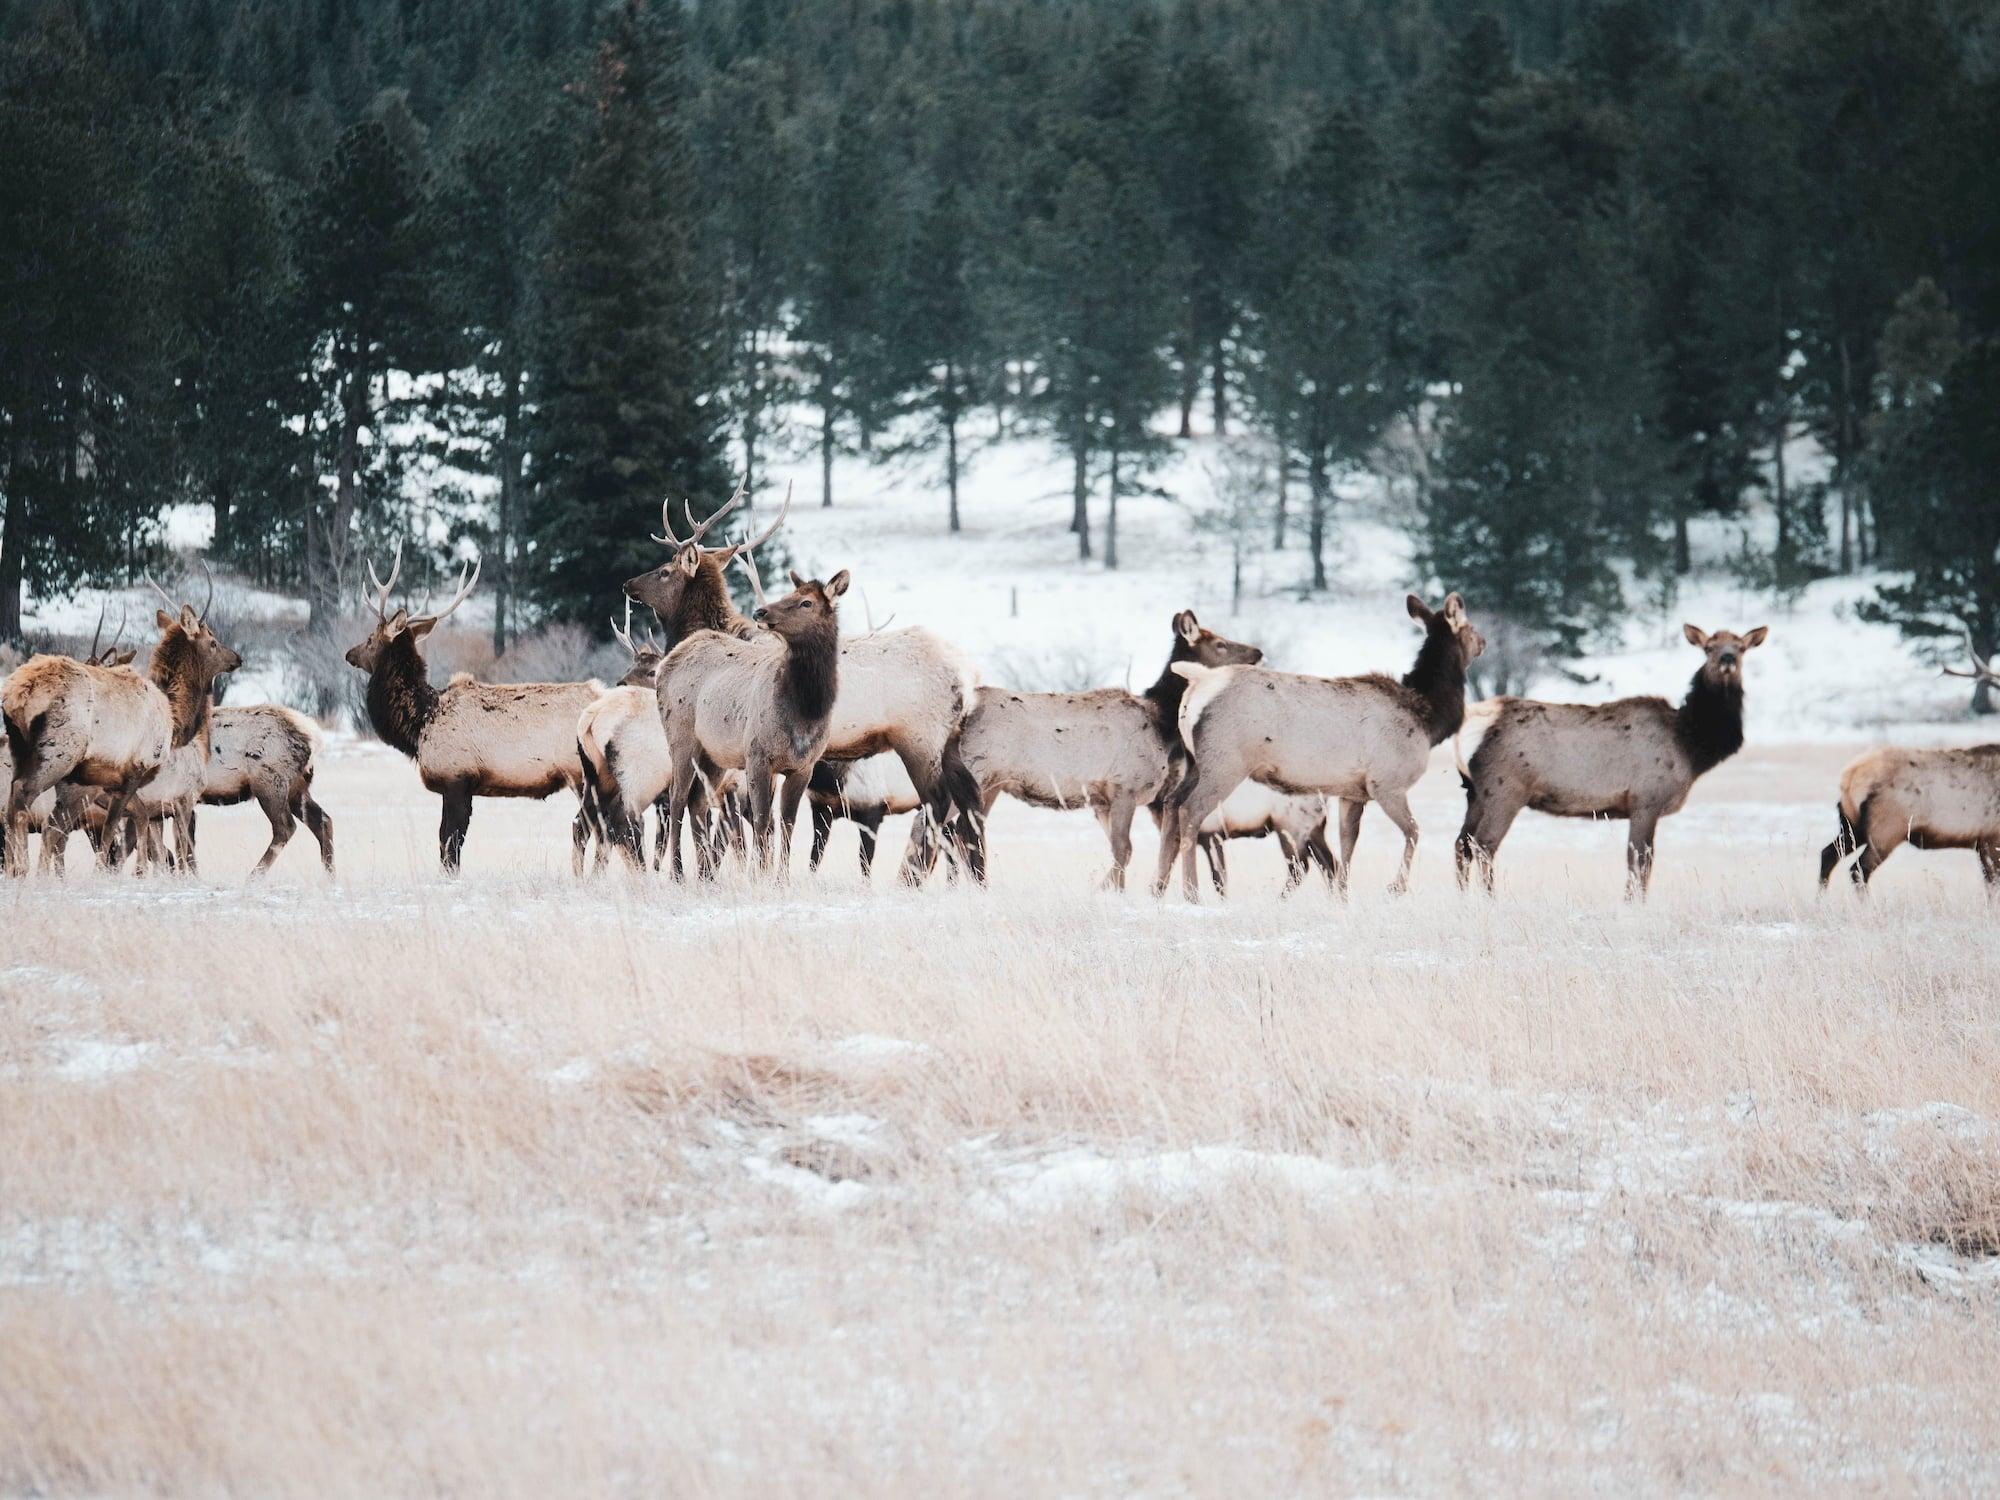 A herd of elk in a snowy landscape.